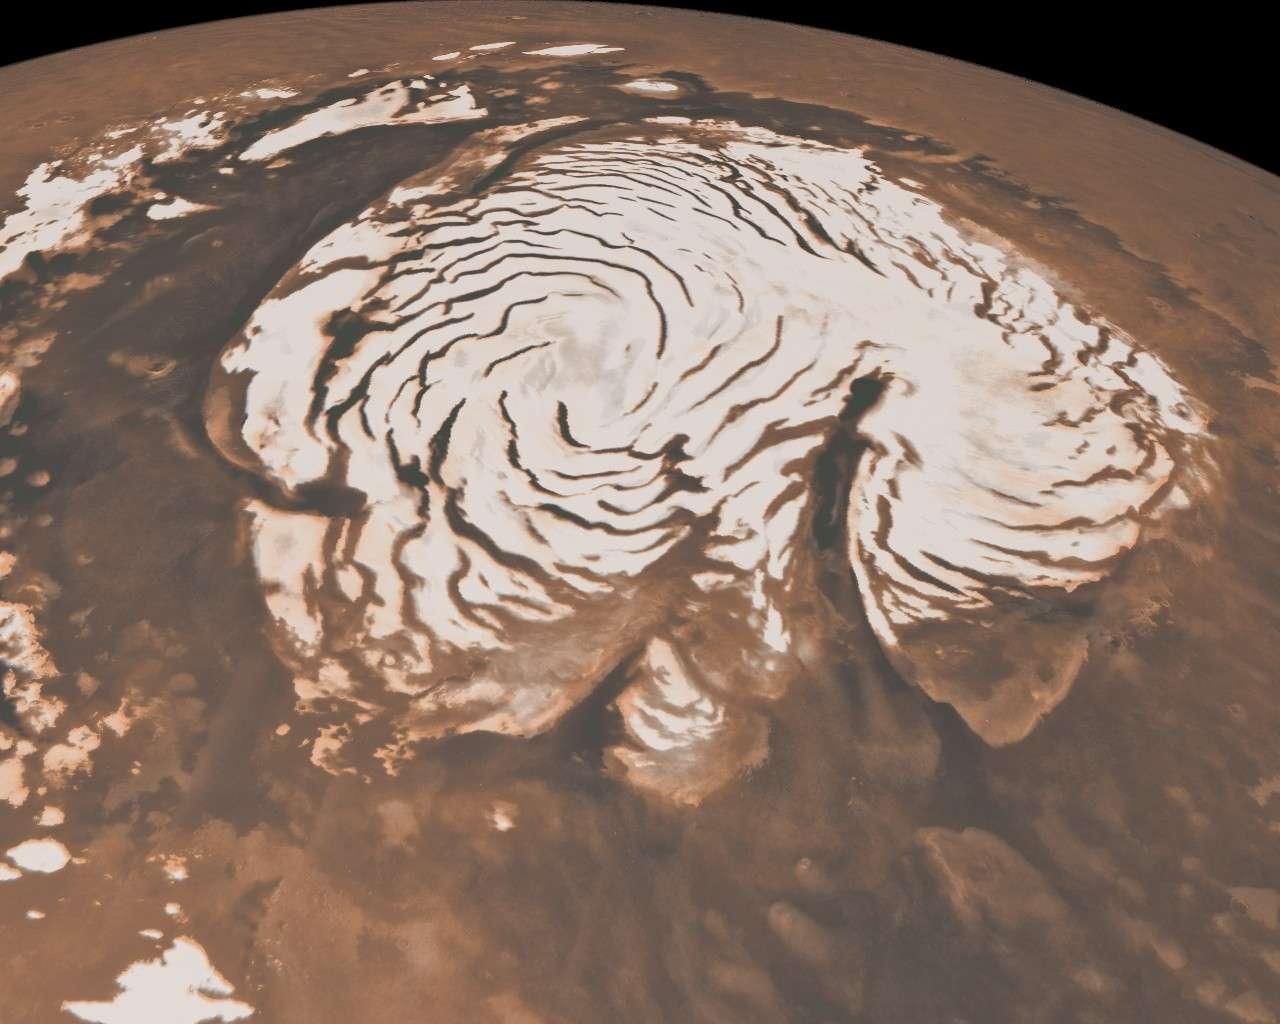 L'étrange aspect de la calotte polaire martienne boréale s'explique désormais. Selon les relevés effectués par le radar Sharad à bord de la sonde MRO, c'est le vent qui est à l'origine des failles et canyons qui sculptent le manteau de glace. Crédit Nasa/JPL-Caltech